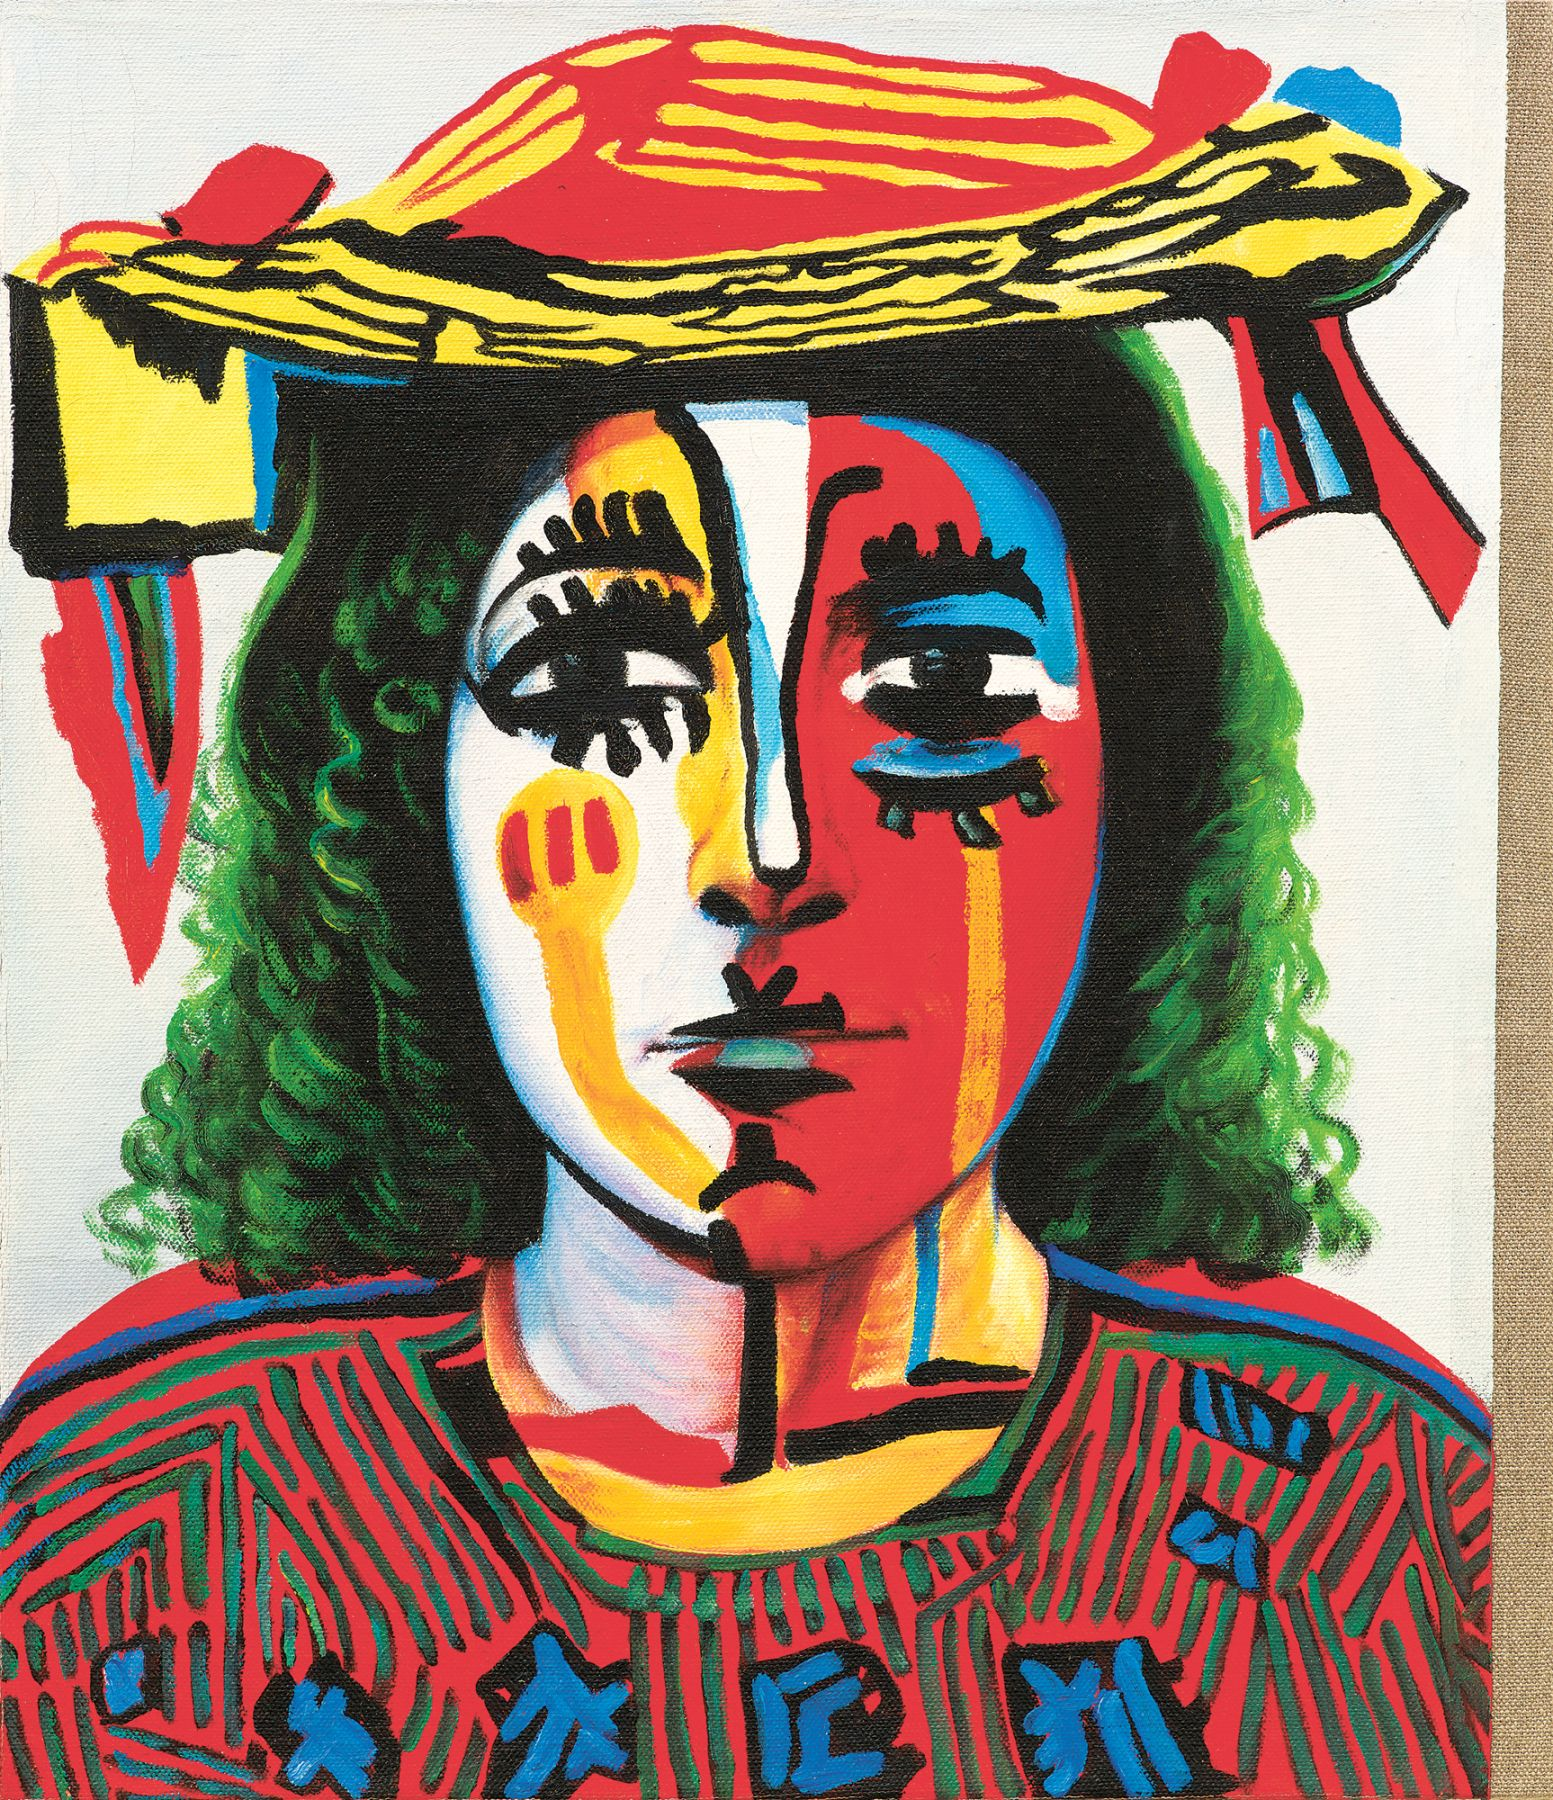 Christian Jankowski, Neue Malerei - Picasso IV